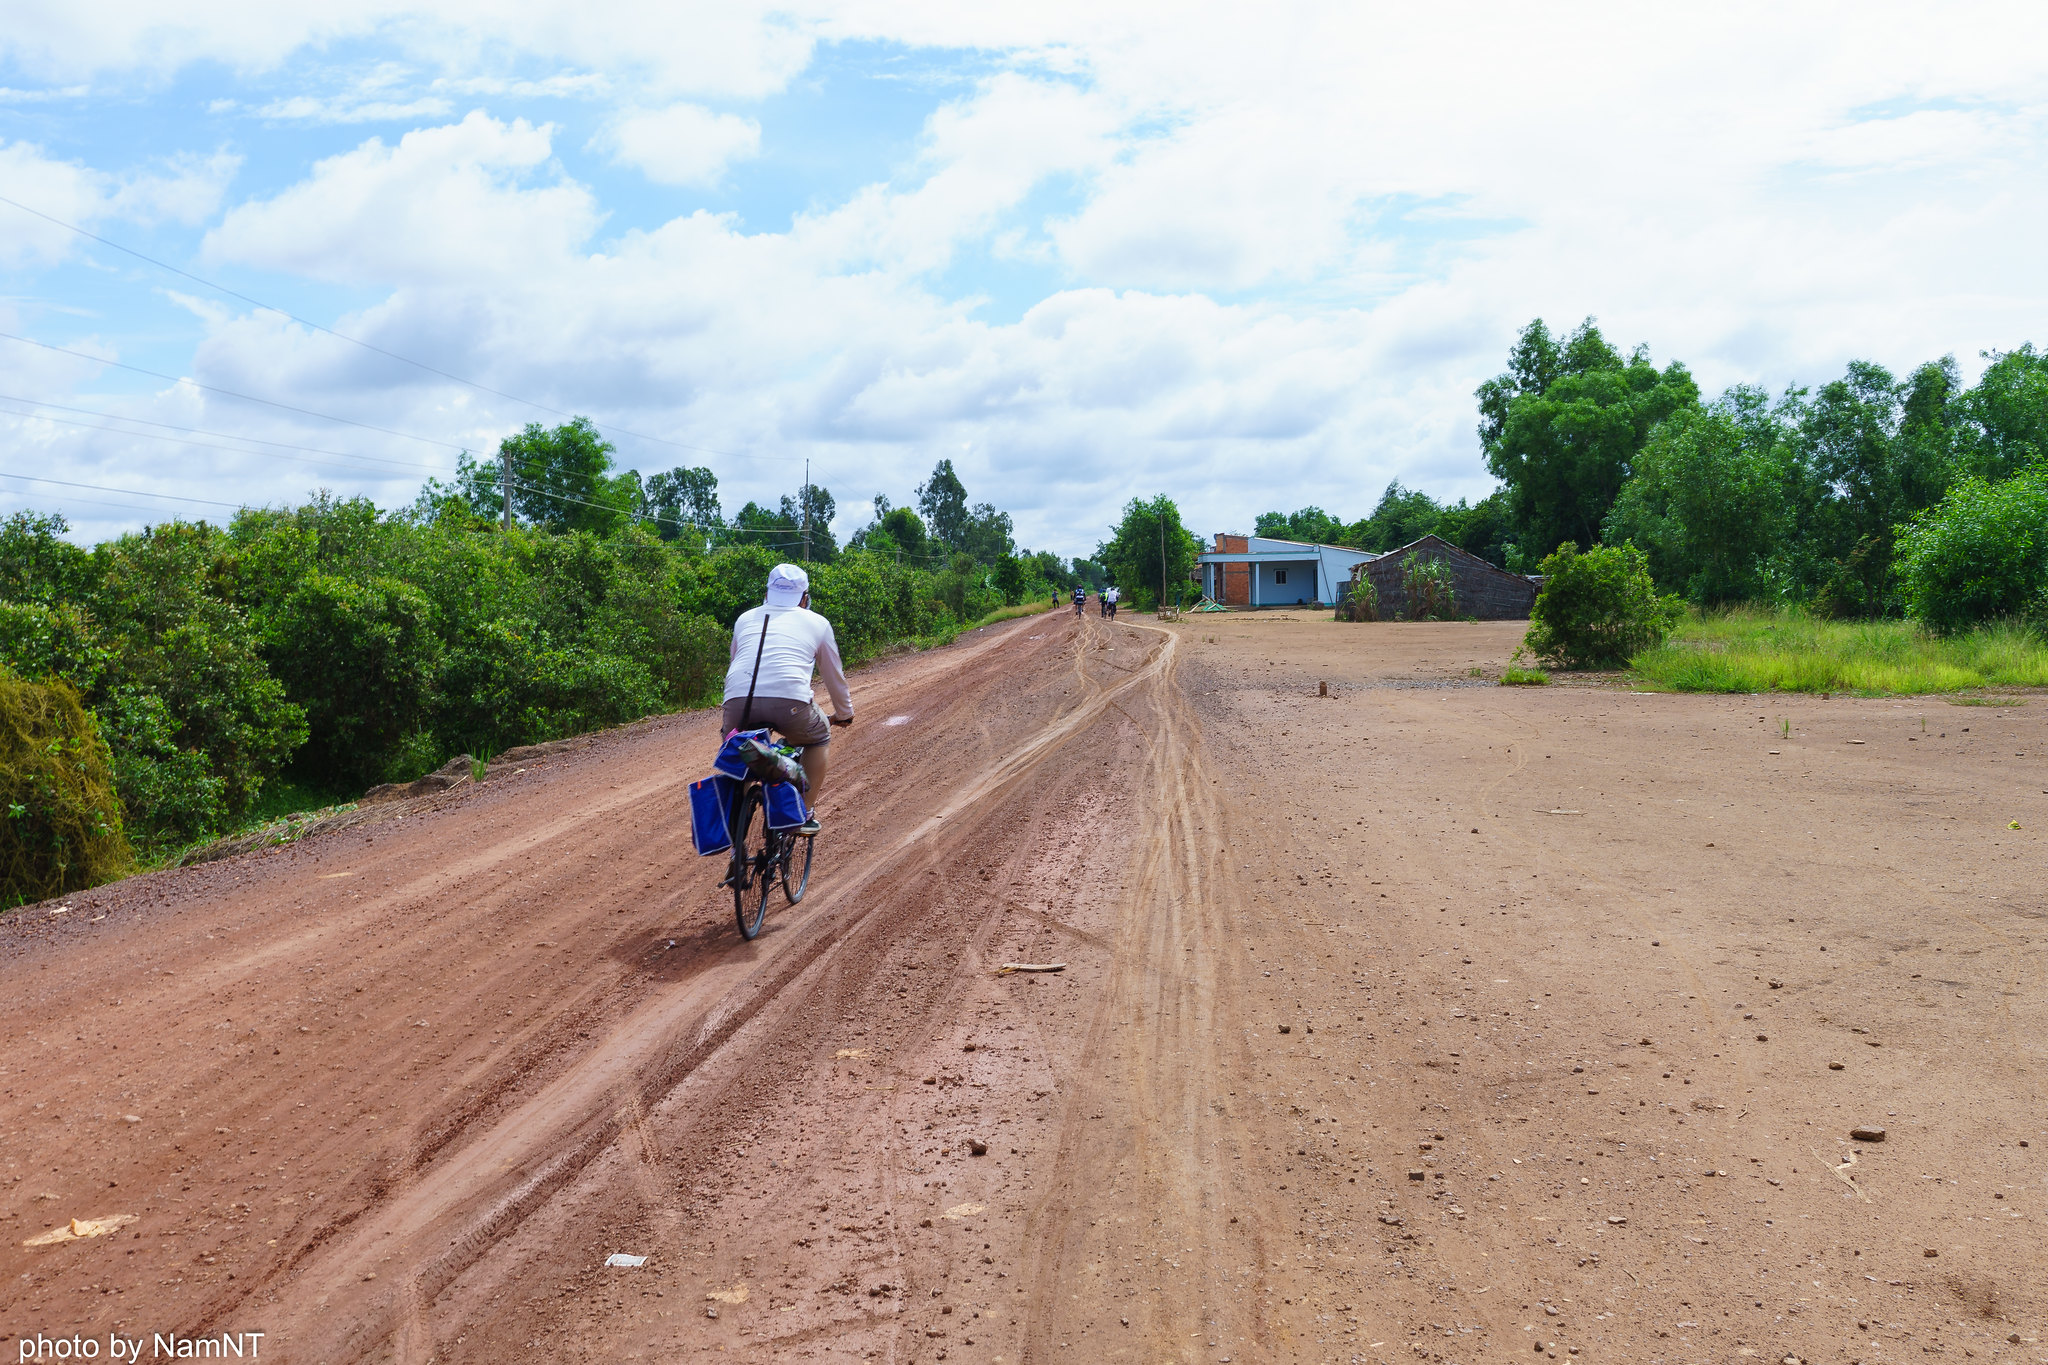 21217265518 17a208edc2 k - SG- Tân An Mộc Hóa : Khám phá làng nổi Tân Lập